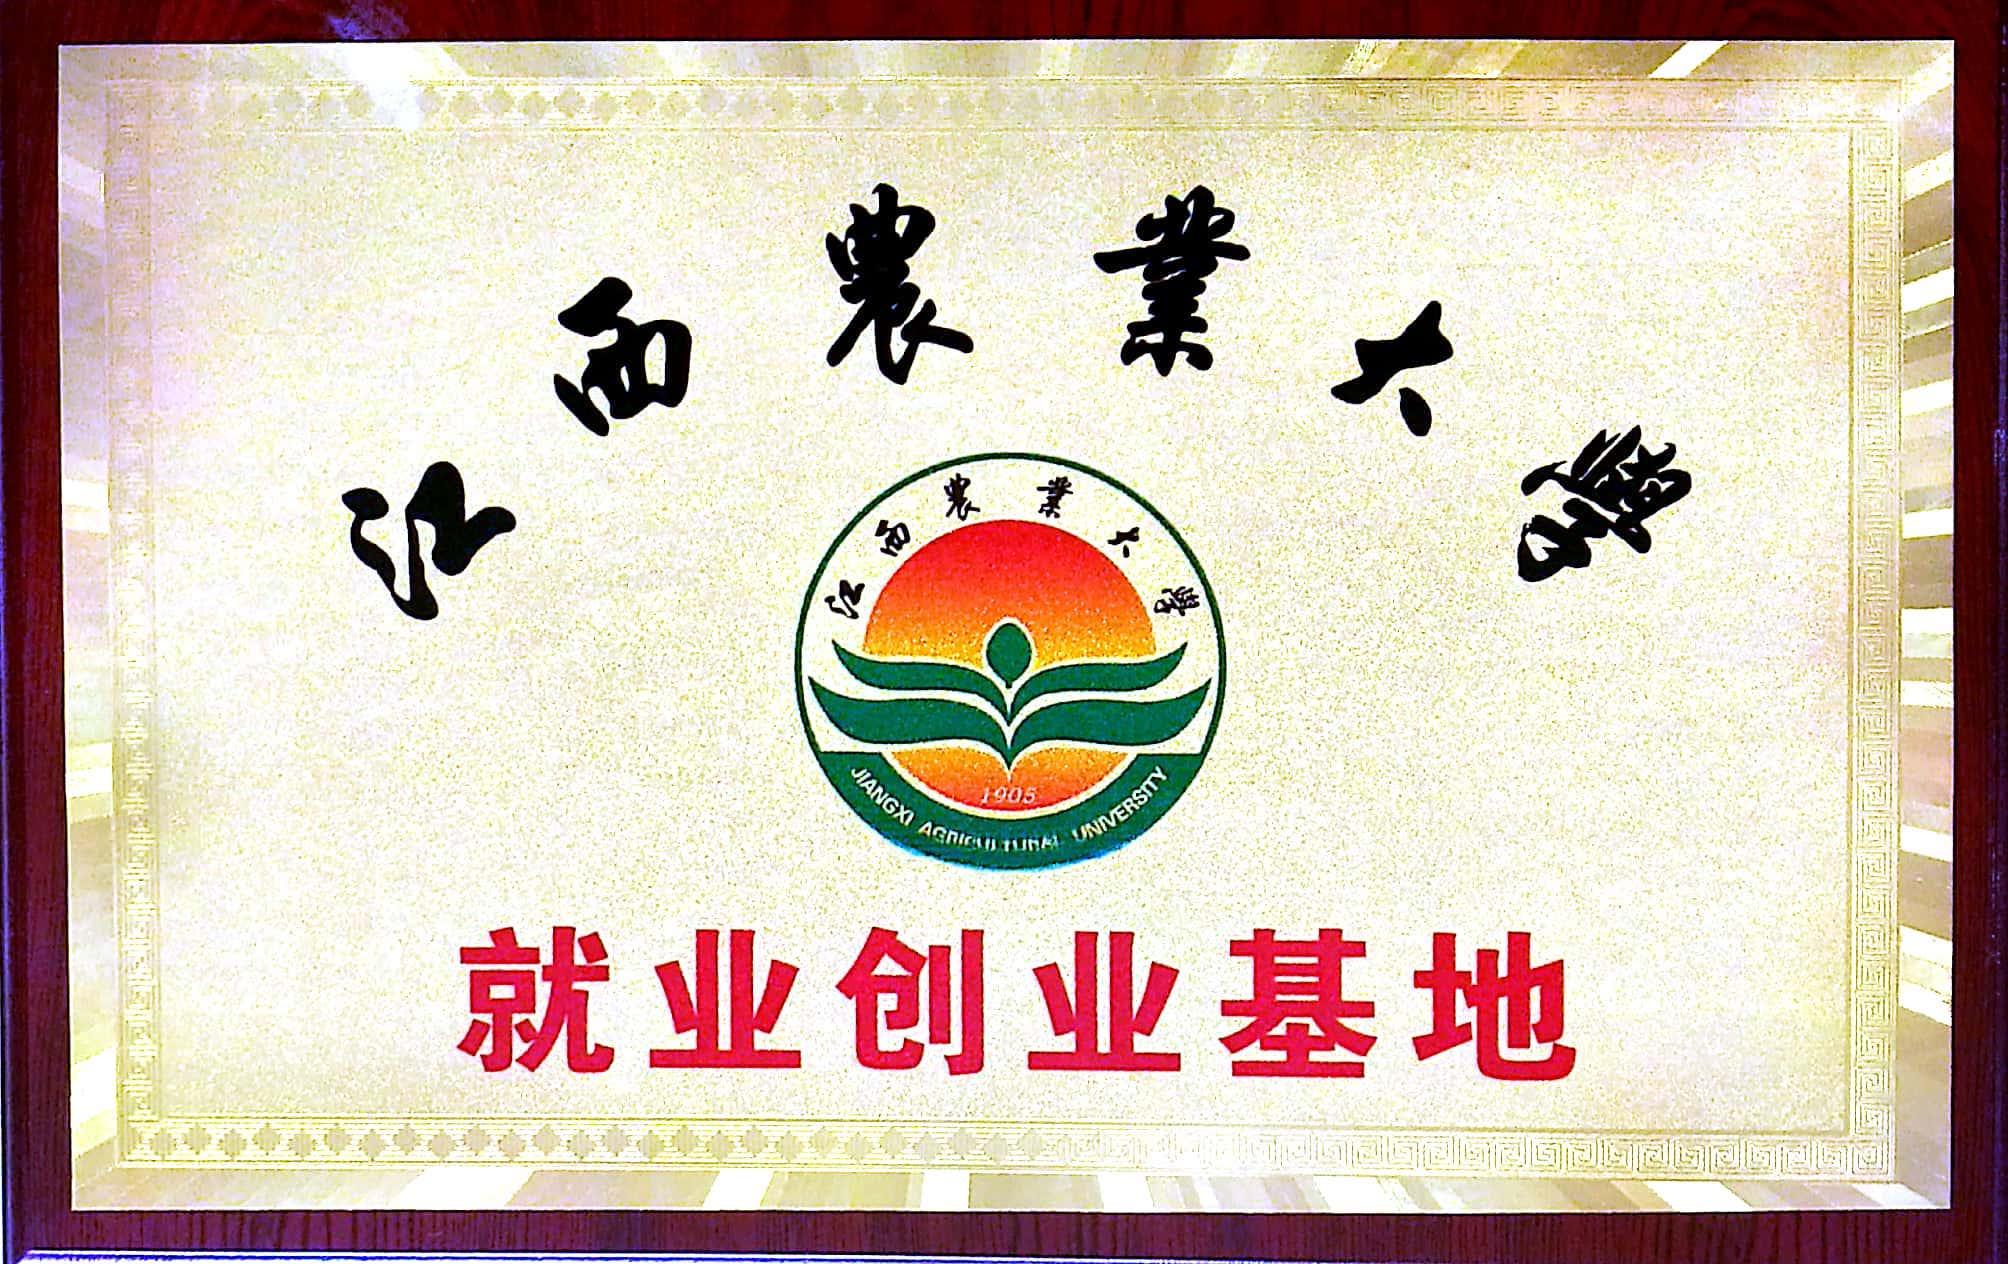 江西农业大学就业创业基地